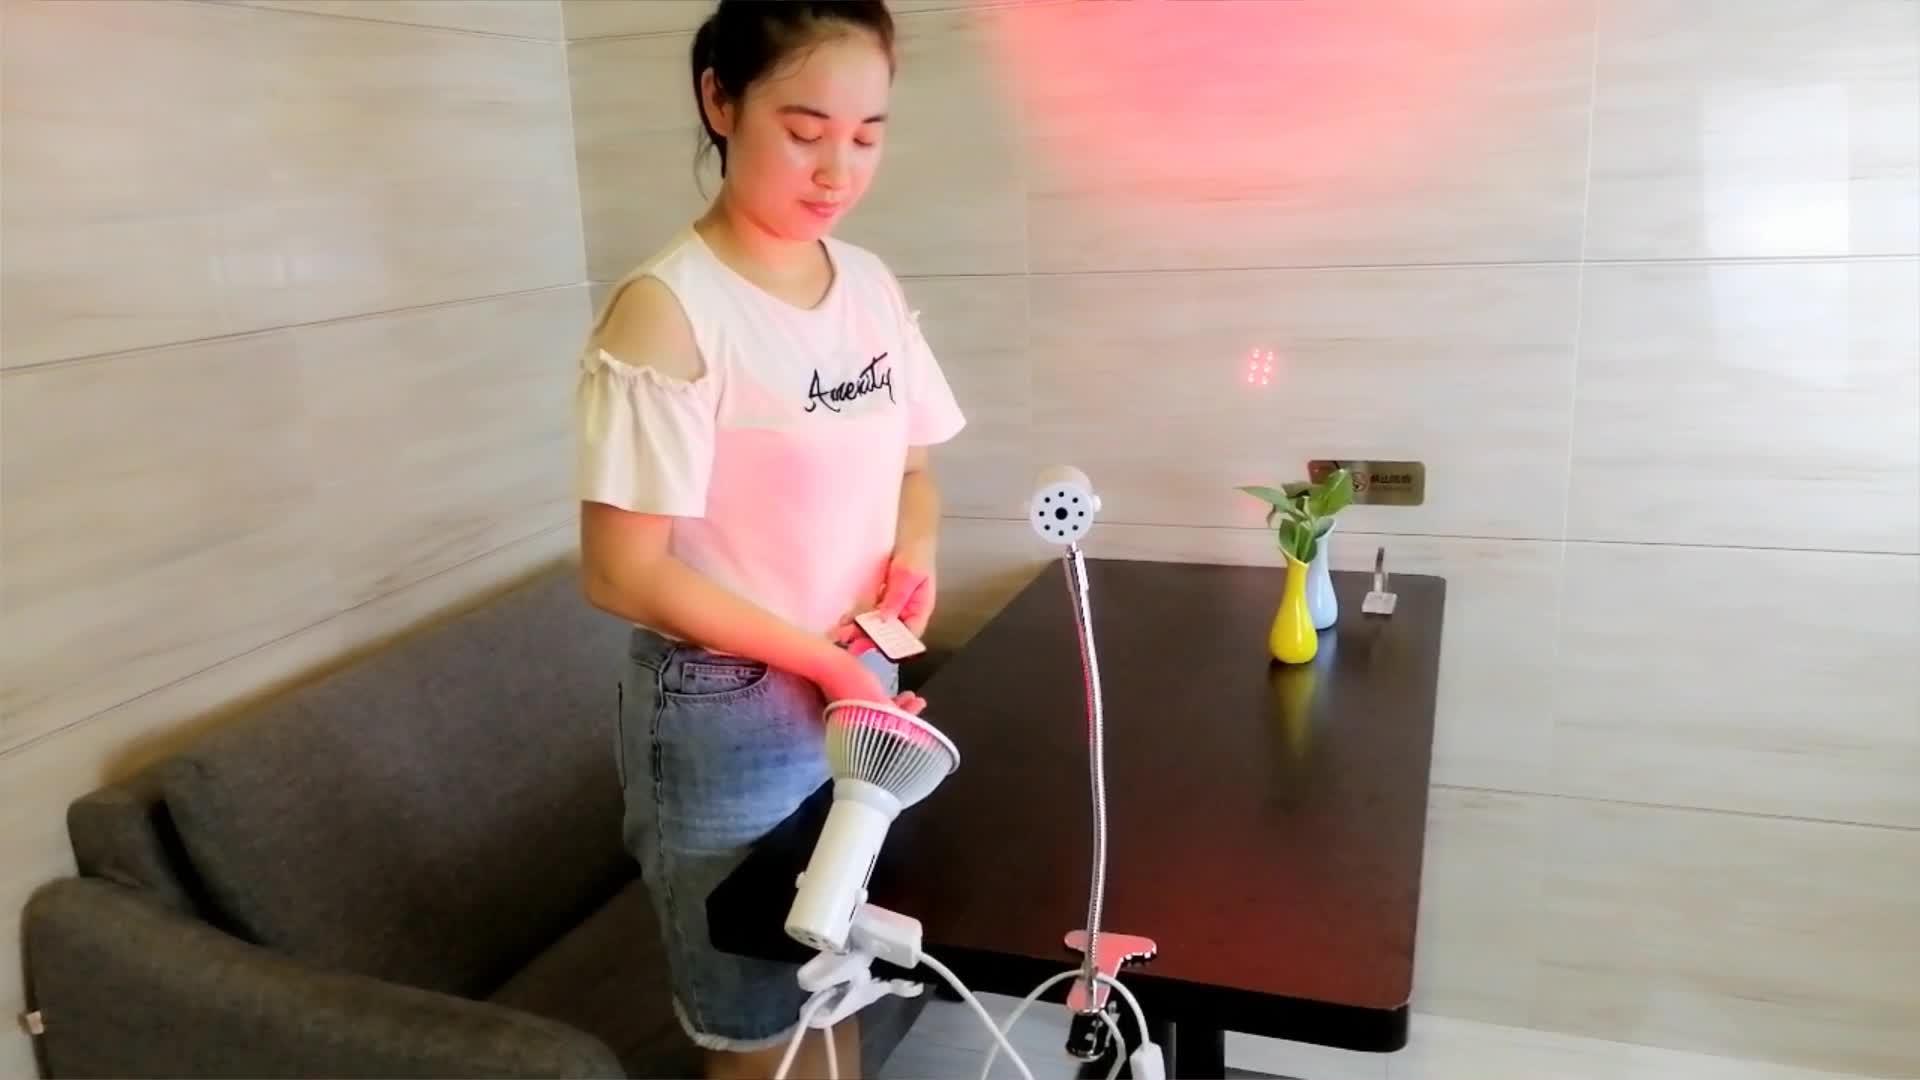 A mené la Machine Lampe Infrarouge Proche pour Douleurs Articulaires 660Nm 850Nm Panneau Médical Portatif Ampoule Équipement Pulsée Dispositif De Thérapie De Lumière Rouge